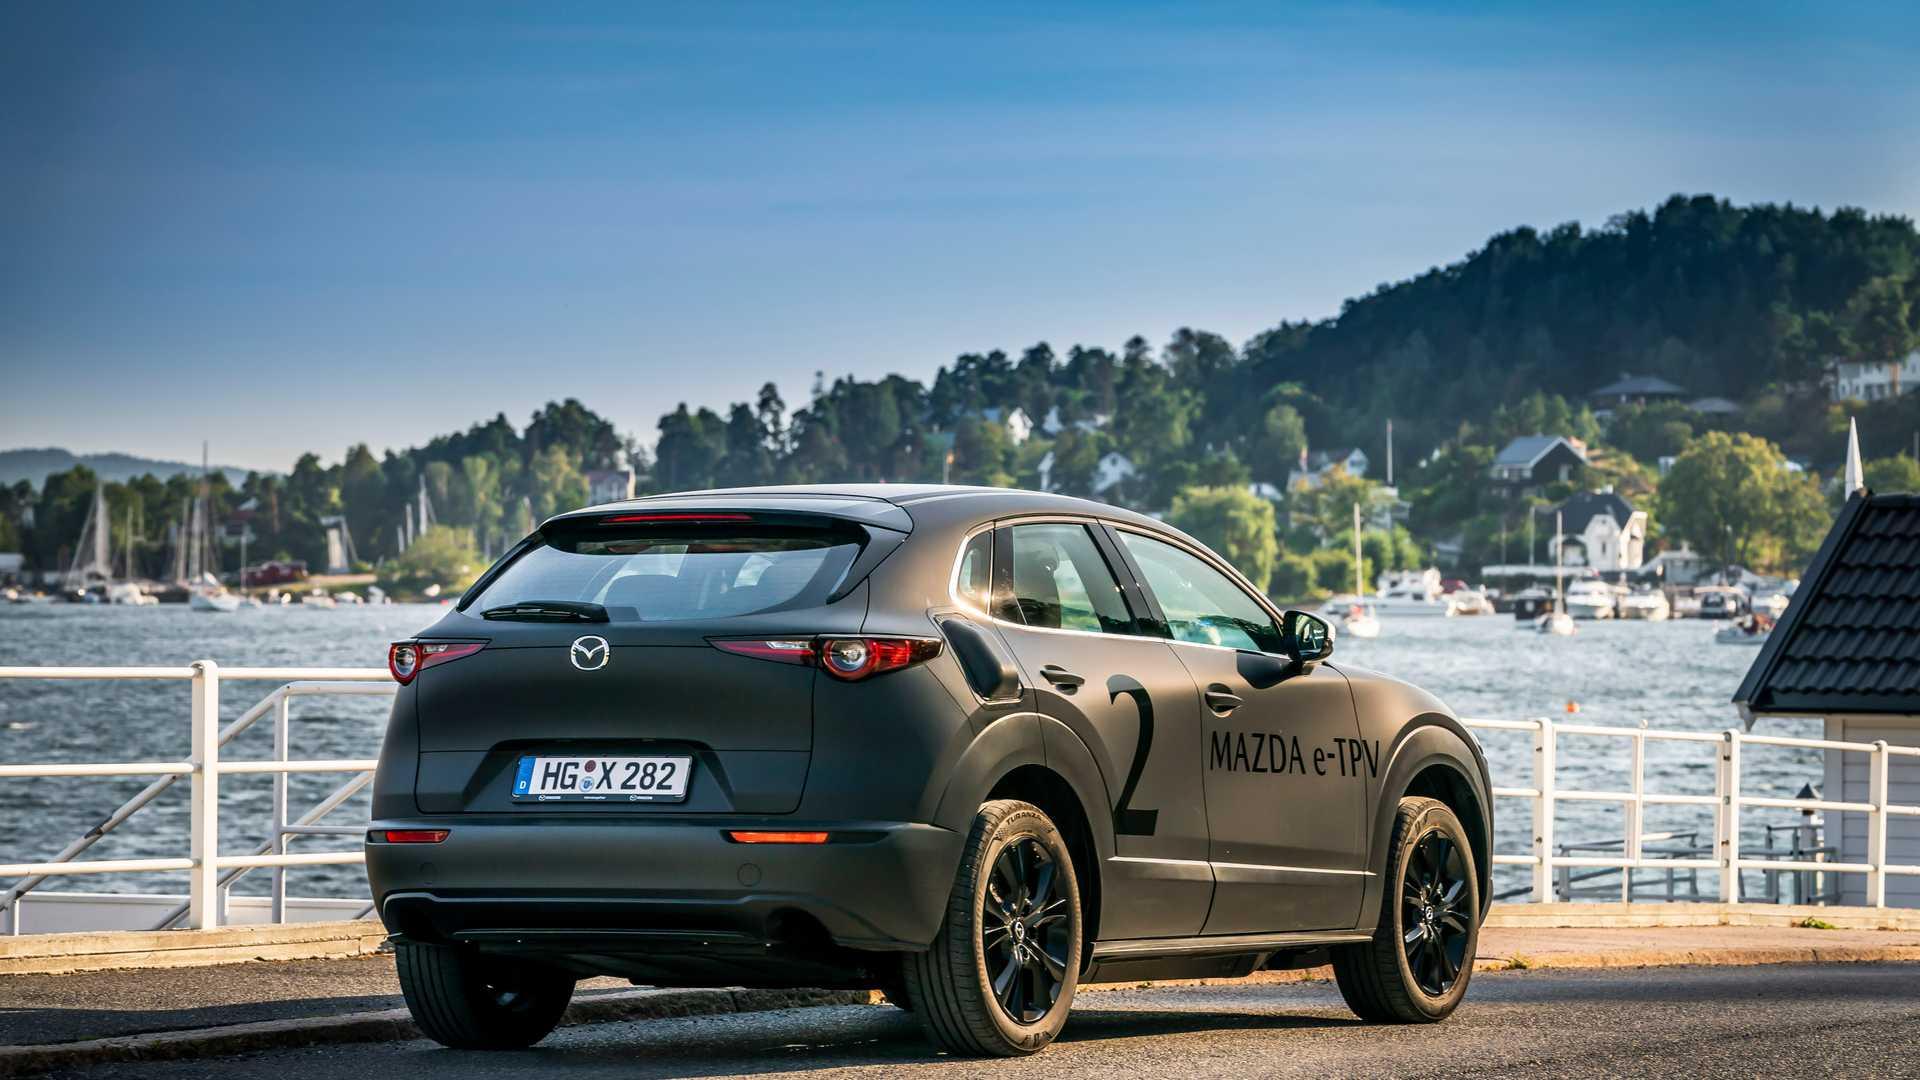 Mazda-e-TPV-concept-3